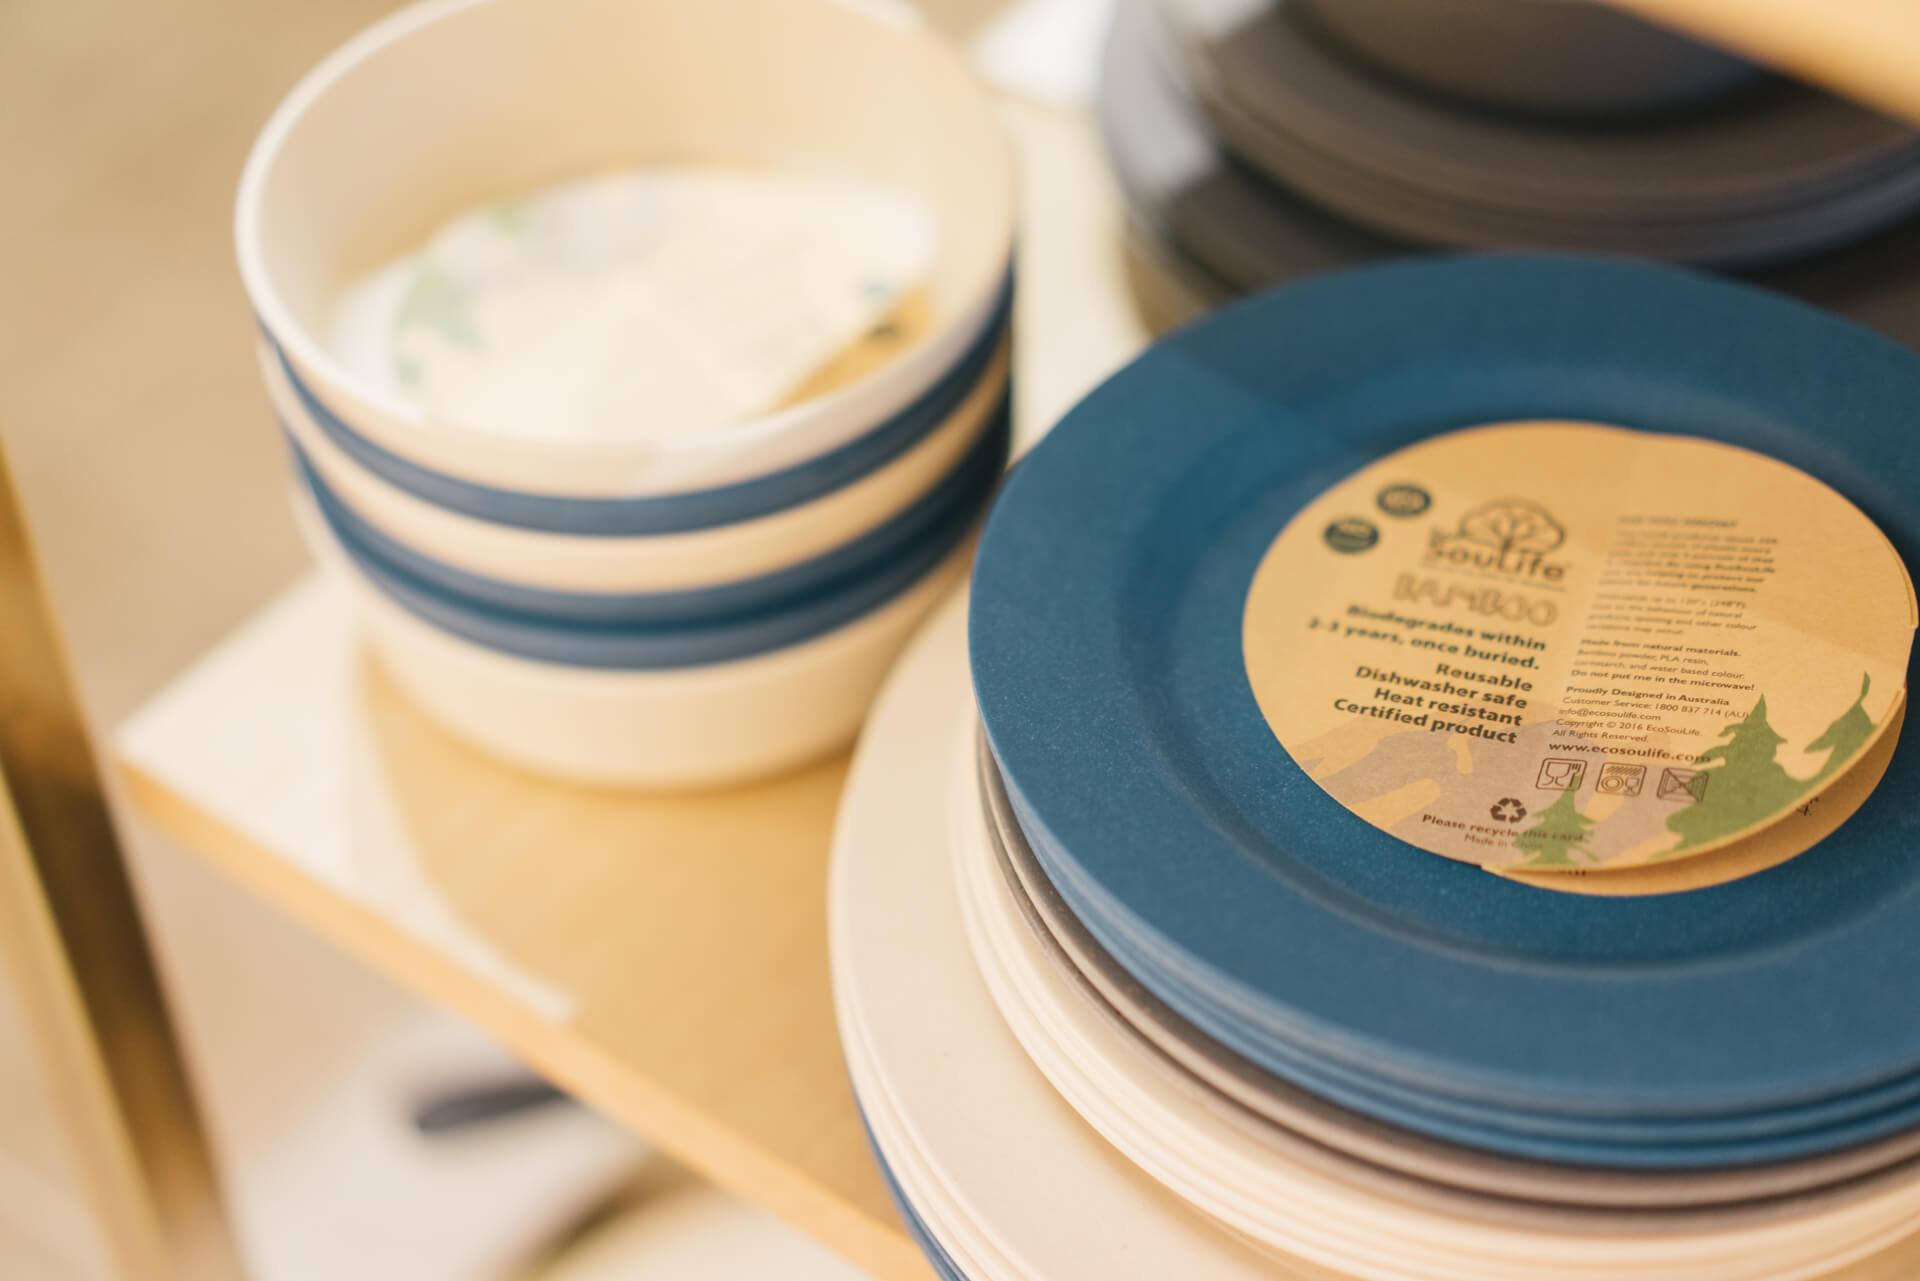 EcoSoulifeの竹やもみがらで作られたお皿やカップは、そのまま土に還すことができるエシカルな商品。キャンプ用品としてだけでなく、日常使いにも人気があります。